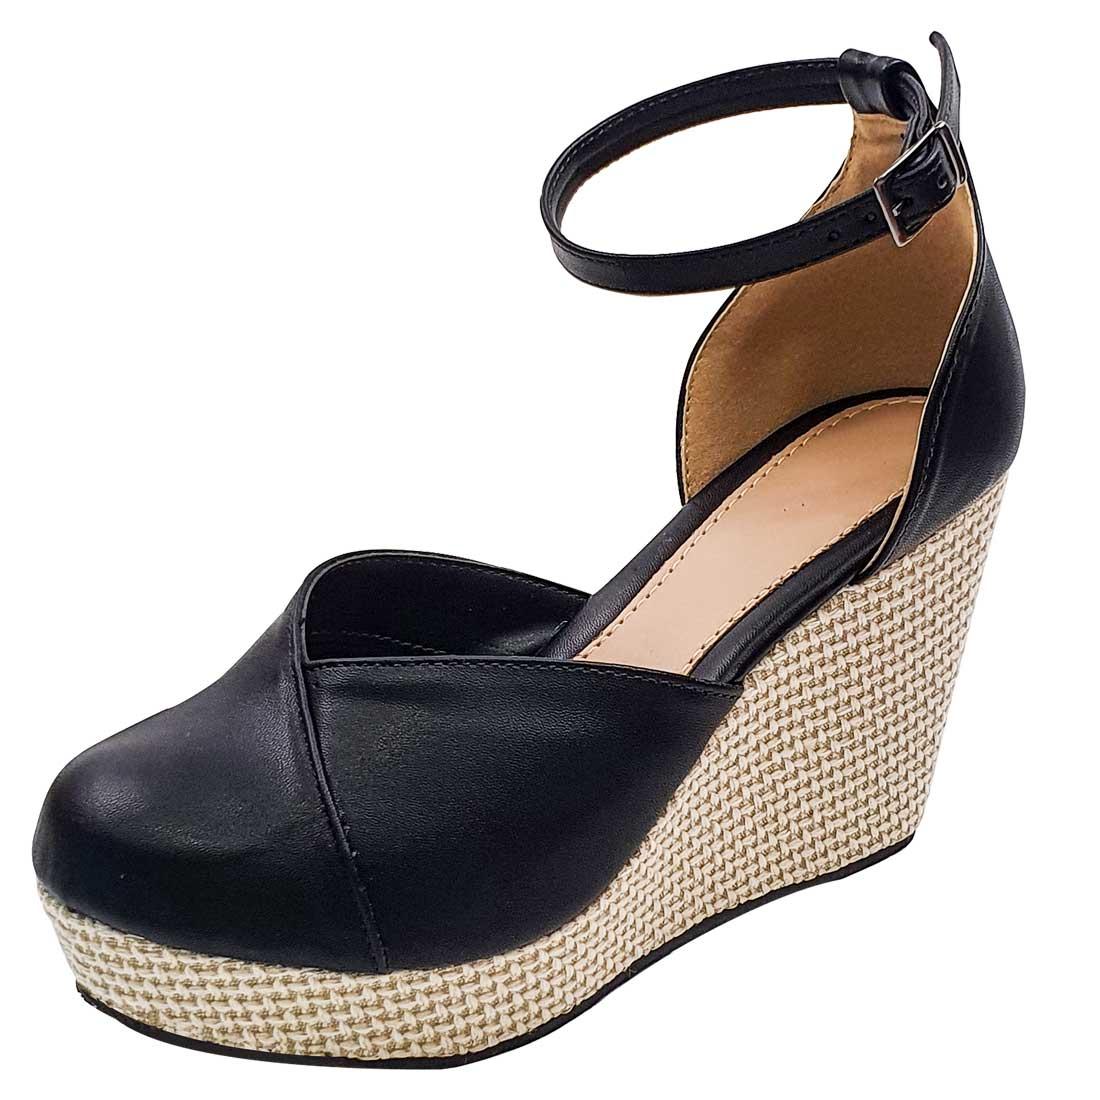 Sapato Anabela Fechada com Salto Trançado - Preto